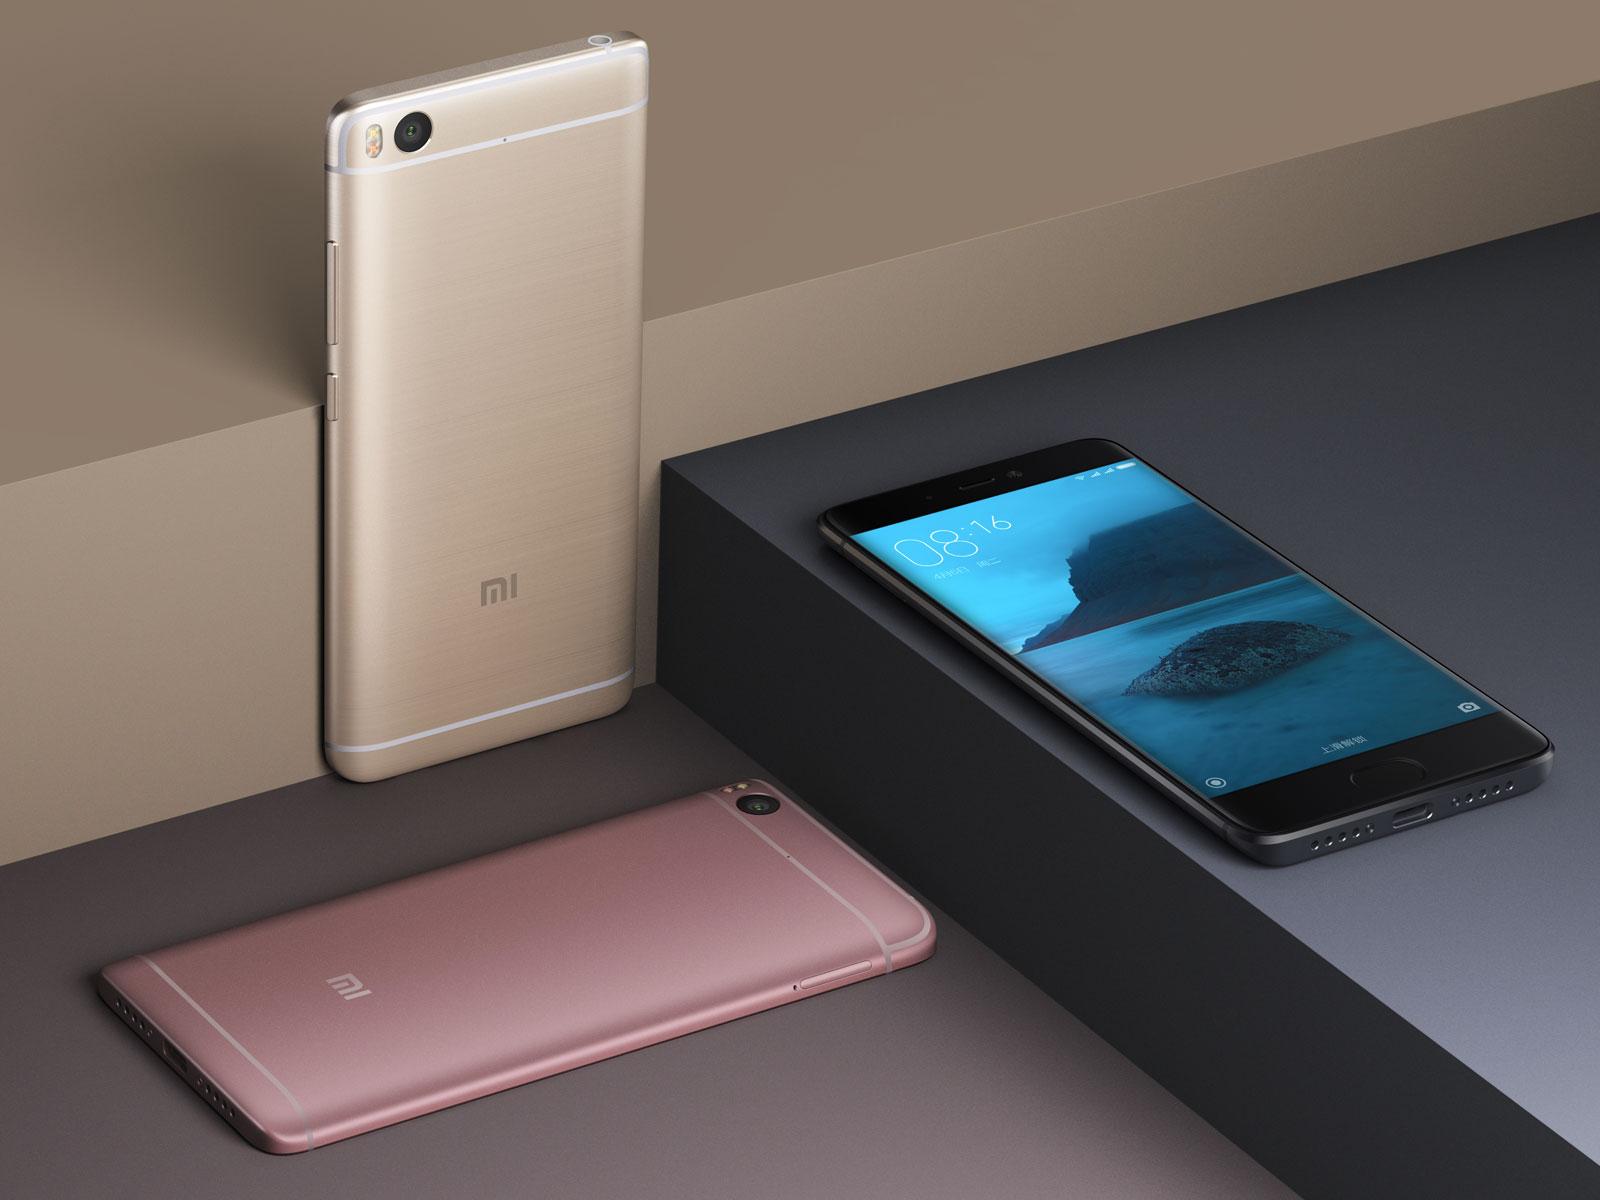 智能手机企业激战线下市场 线上手机厂商前景乐观